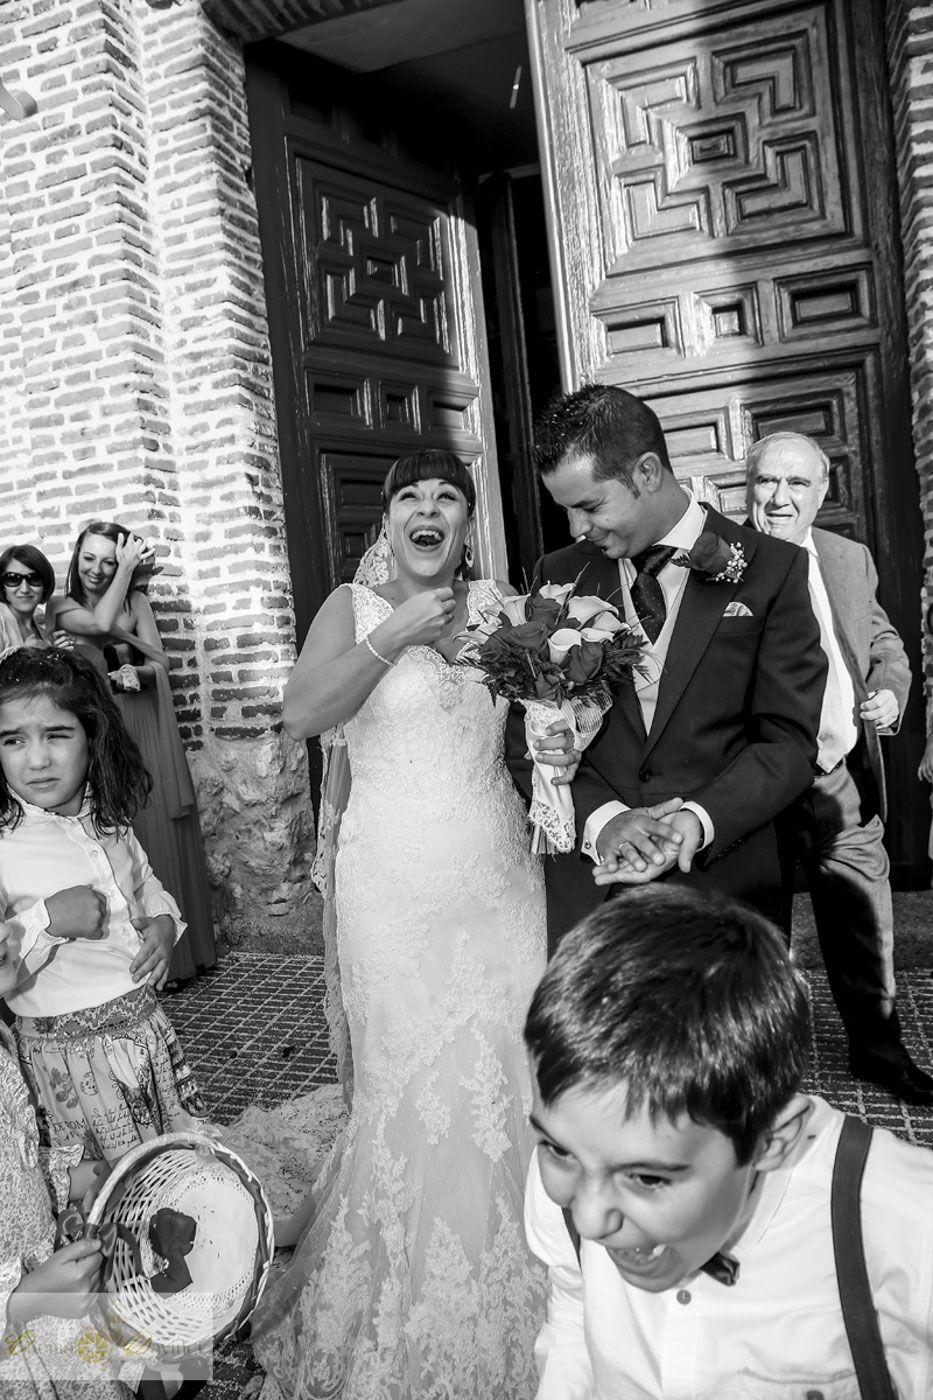 _MG_1371-iglesia-boda-lbertoypili-chemaydavinci-wb